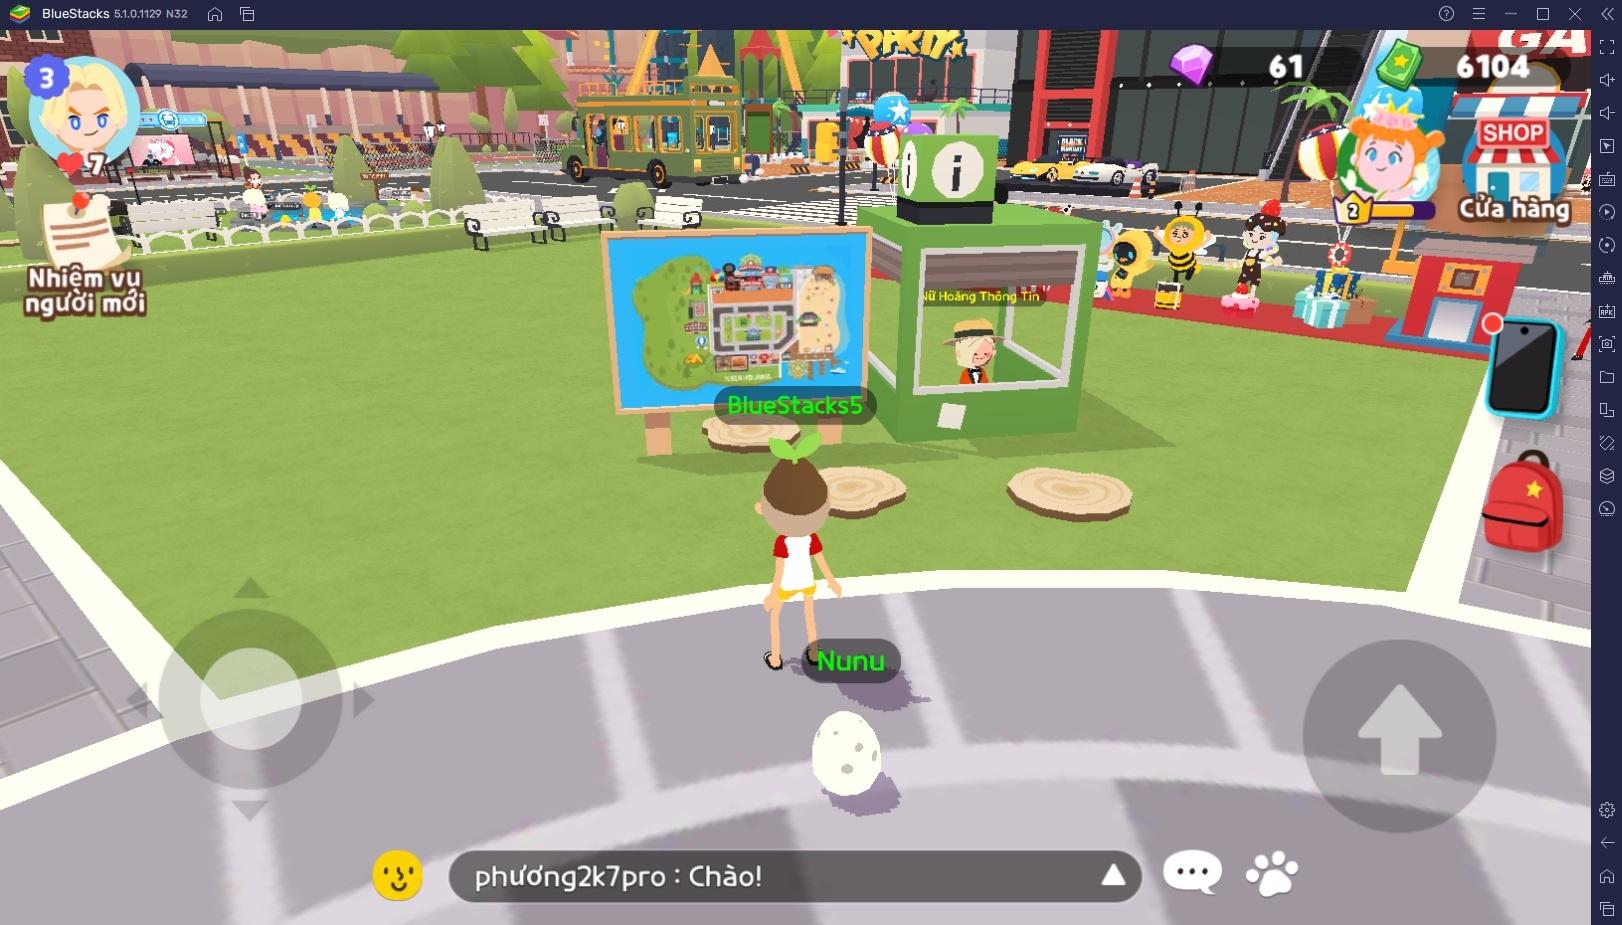 Chơi Play Together trên PC: Khám phá khu vực Plaza